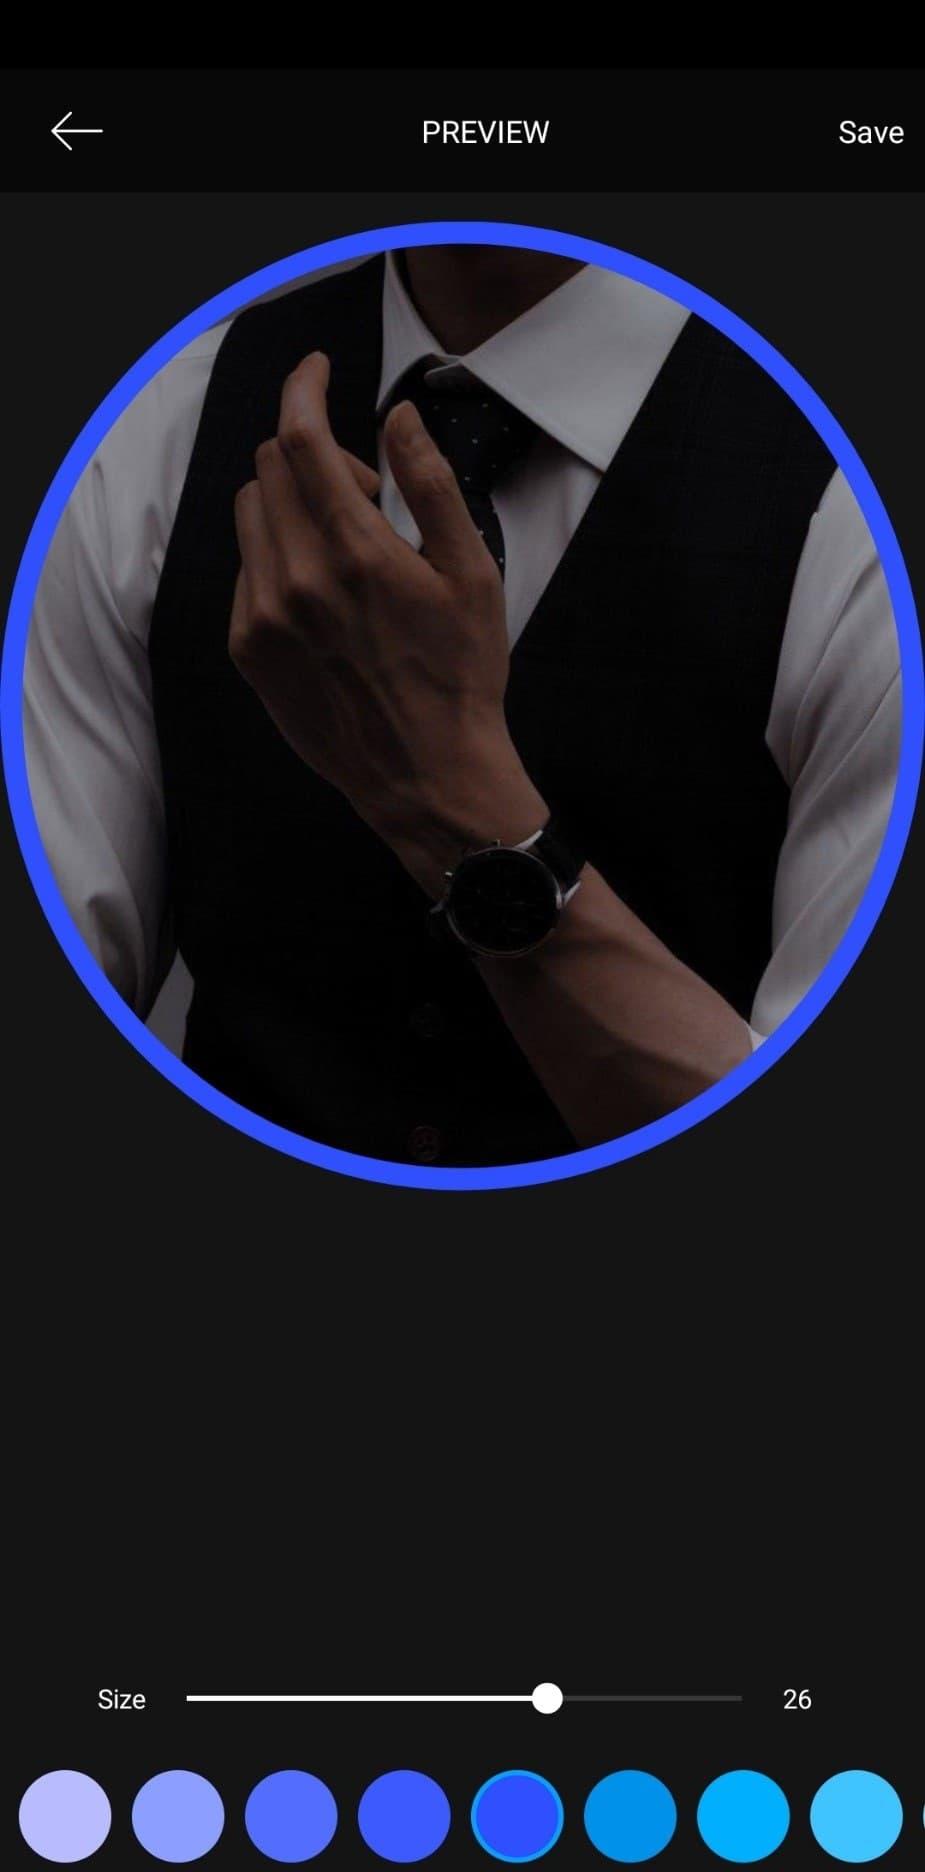 دایره آبی برای تیک آبی پروفایل اینستاگرام